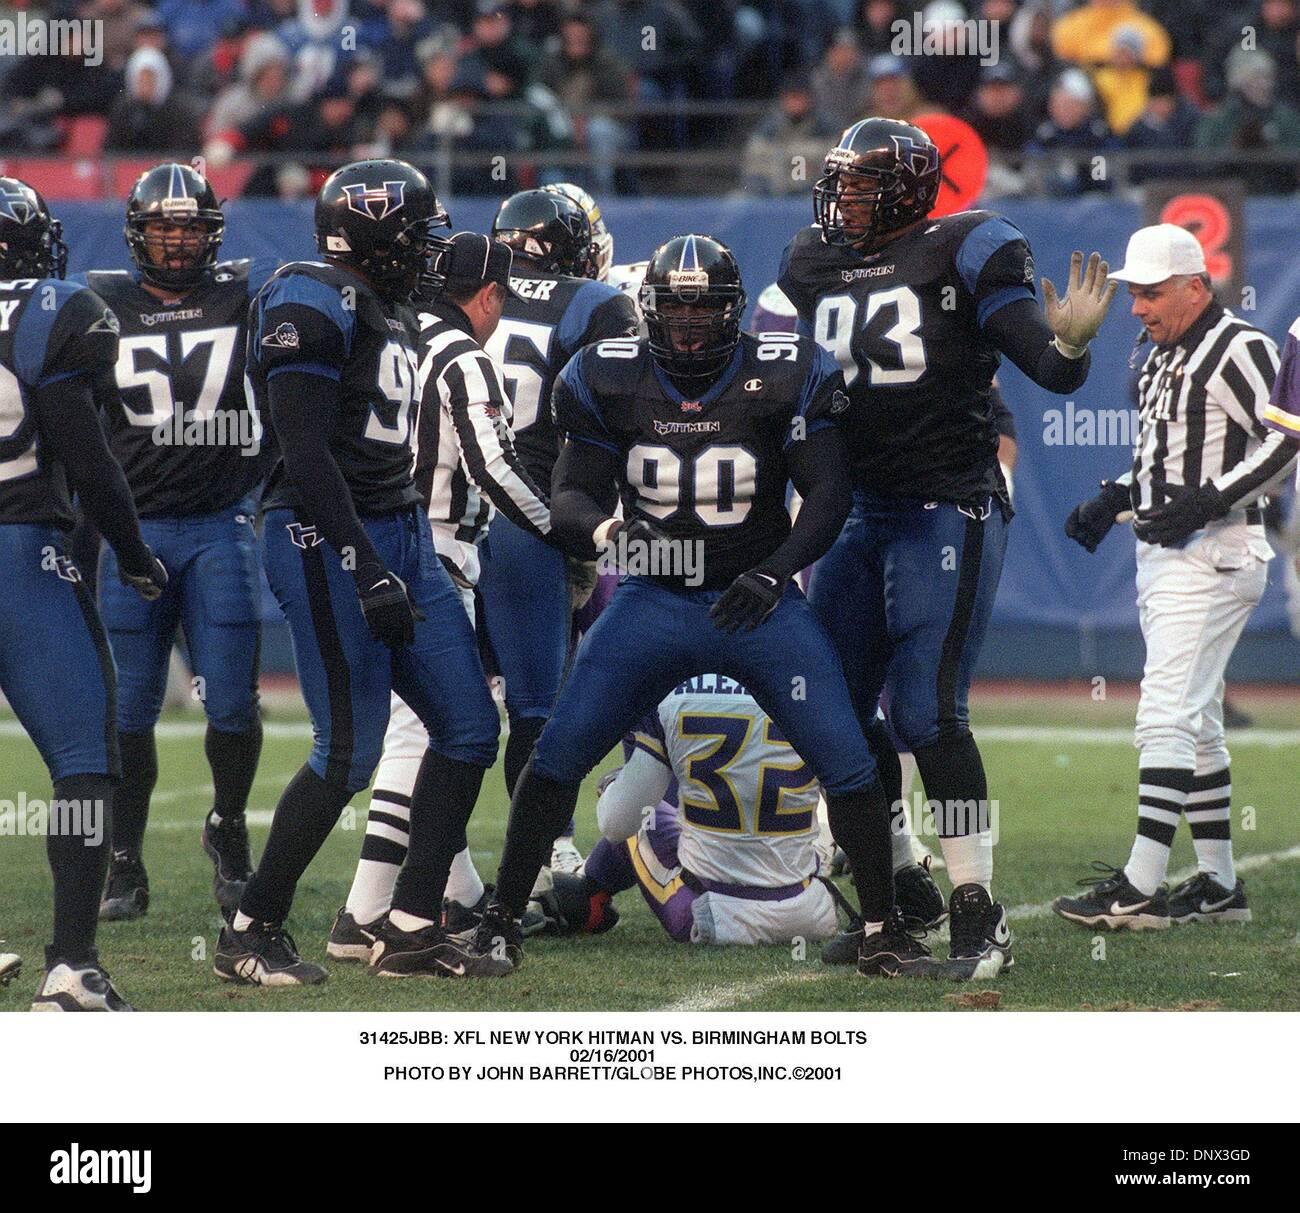 16 février 2001 - 31425JBB: NEW YORK XFL HITMAN VS. Vis de Birmingham.02/16/2001. JOHN BARRETT/(2001 Image: © Crédit Photos Globe/ZUMAPRESS.com) Banque D'Images